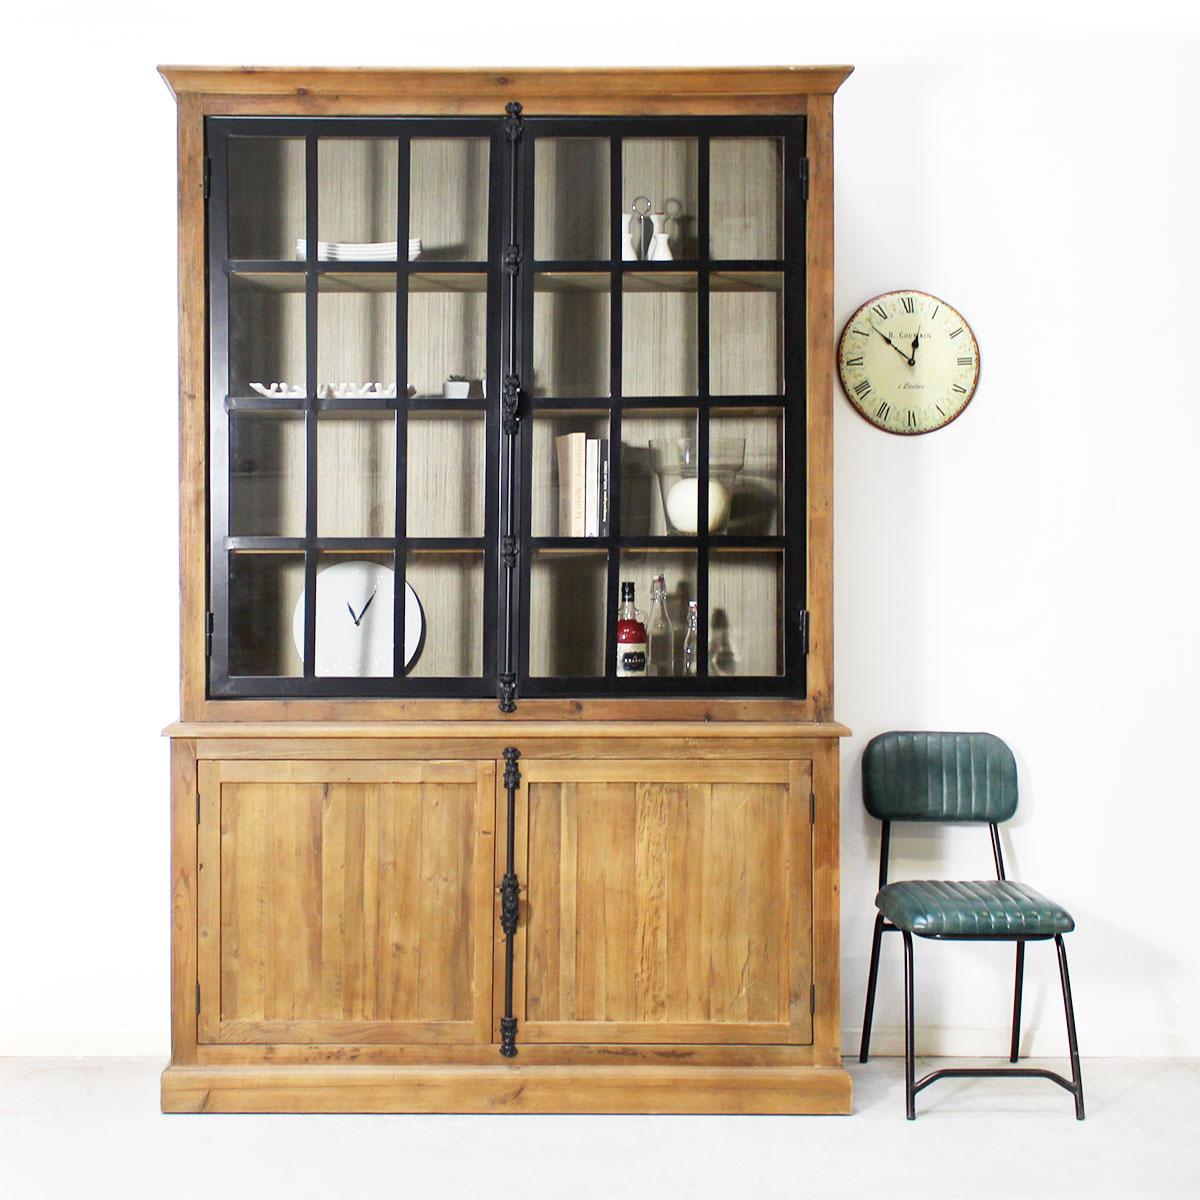 j 39 ose le noir dans ma cuisine type industriel le blog d co de made in meubles. Black Bedroom Furniture Sets. Home Design Ideas